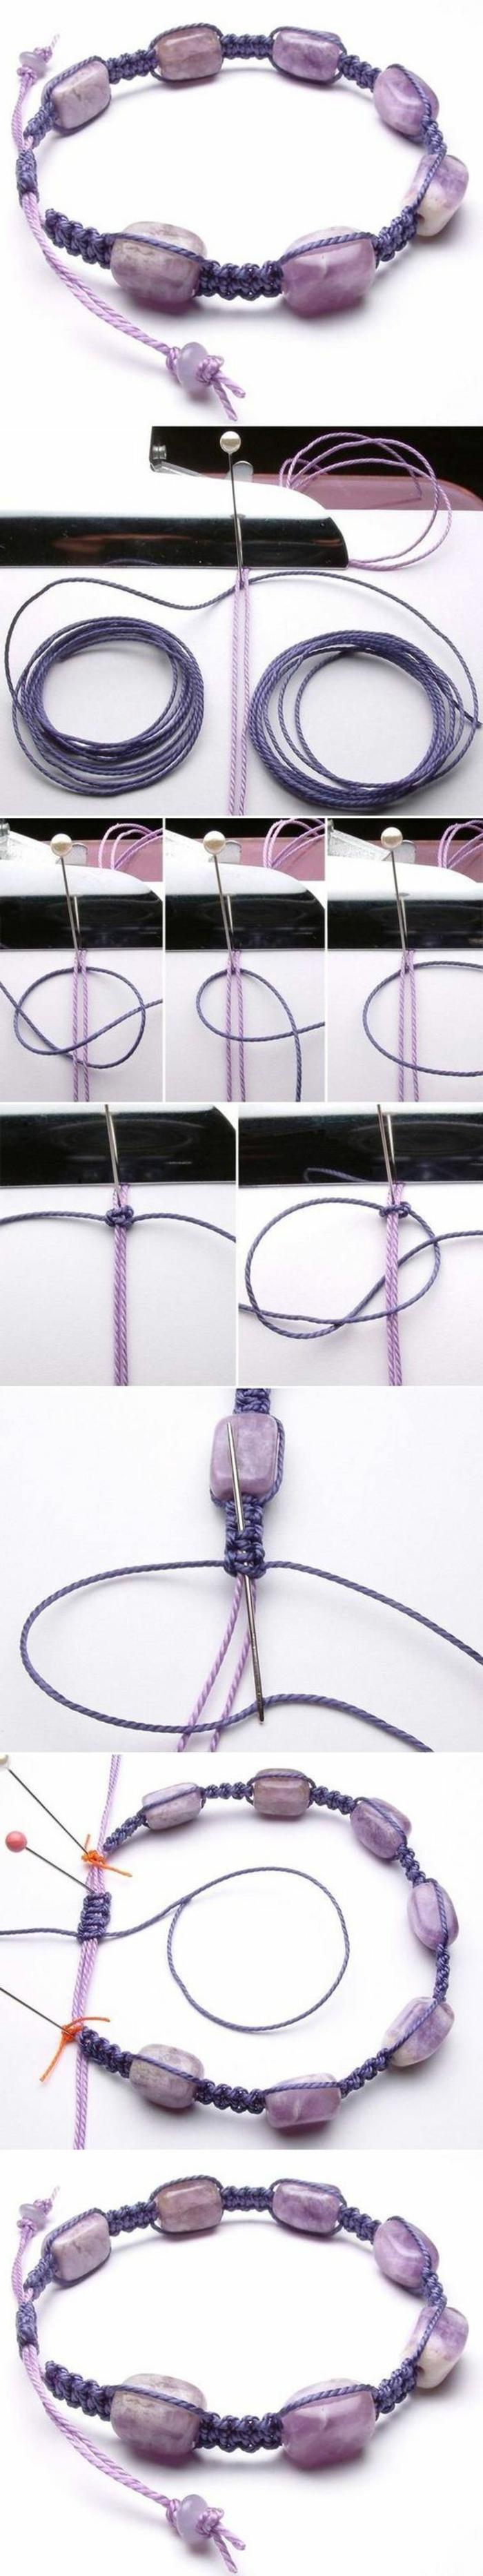 pulseras-de-macrame-y-perlas-como-hacer-pulsera-paso-a-paso-tono-violeta-elegante